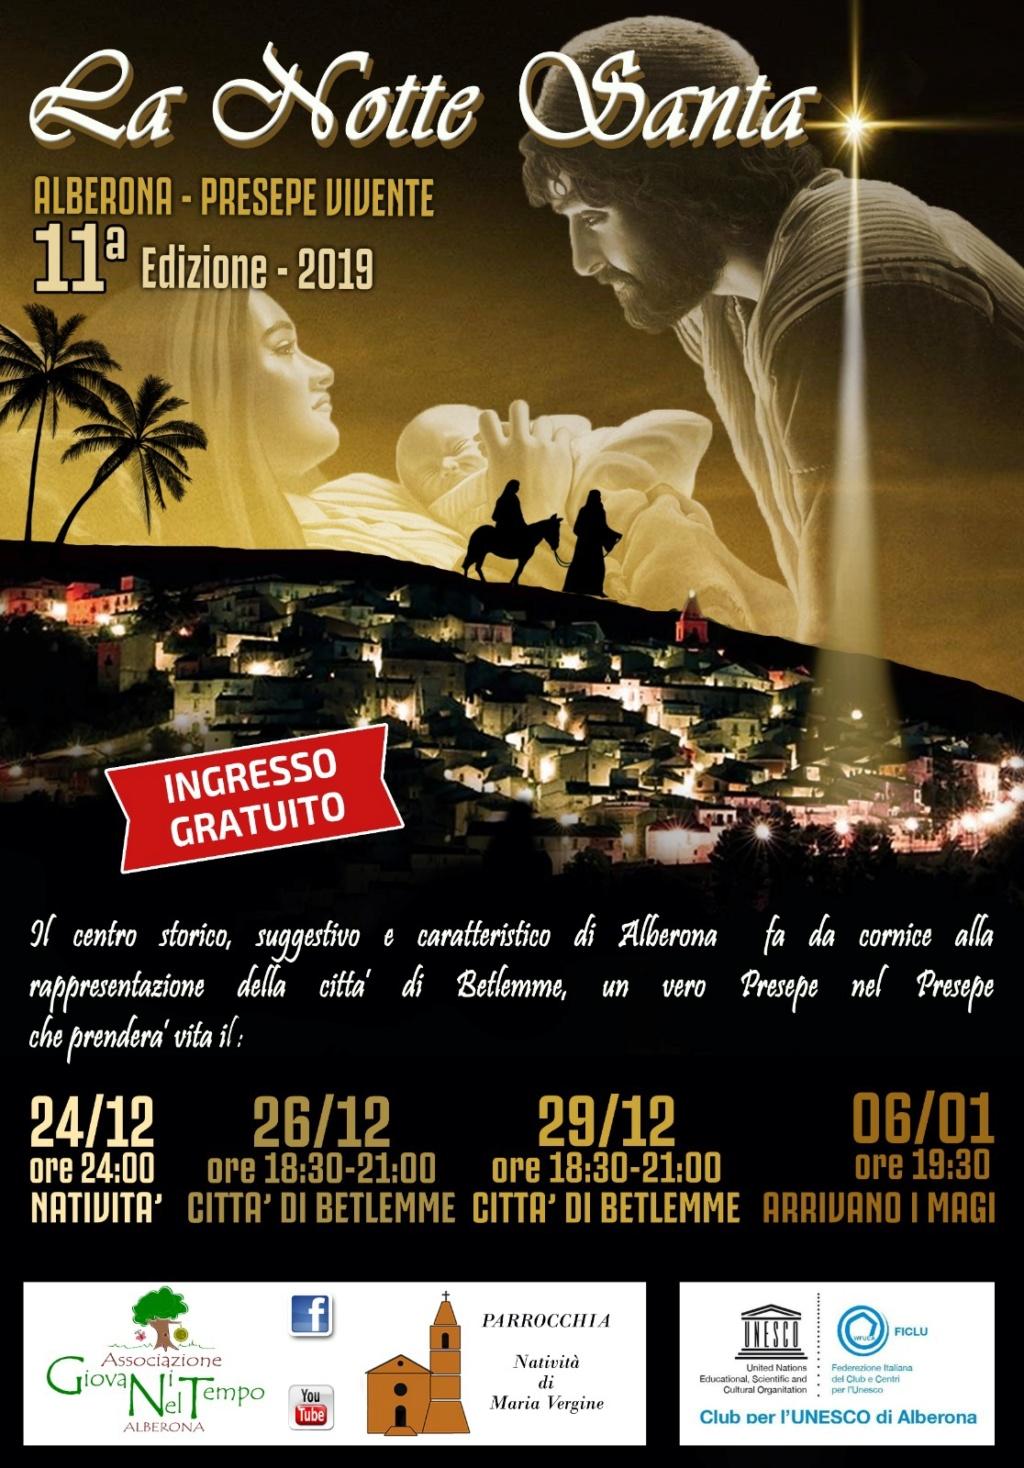 LA NOTTE SANTA 11° Edizione - Il Presepe Vivente di Alberona Save_210